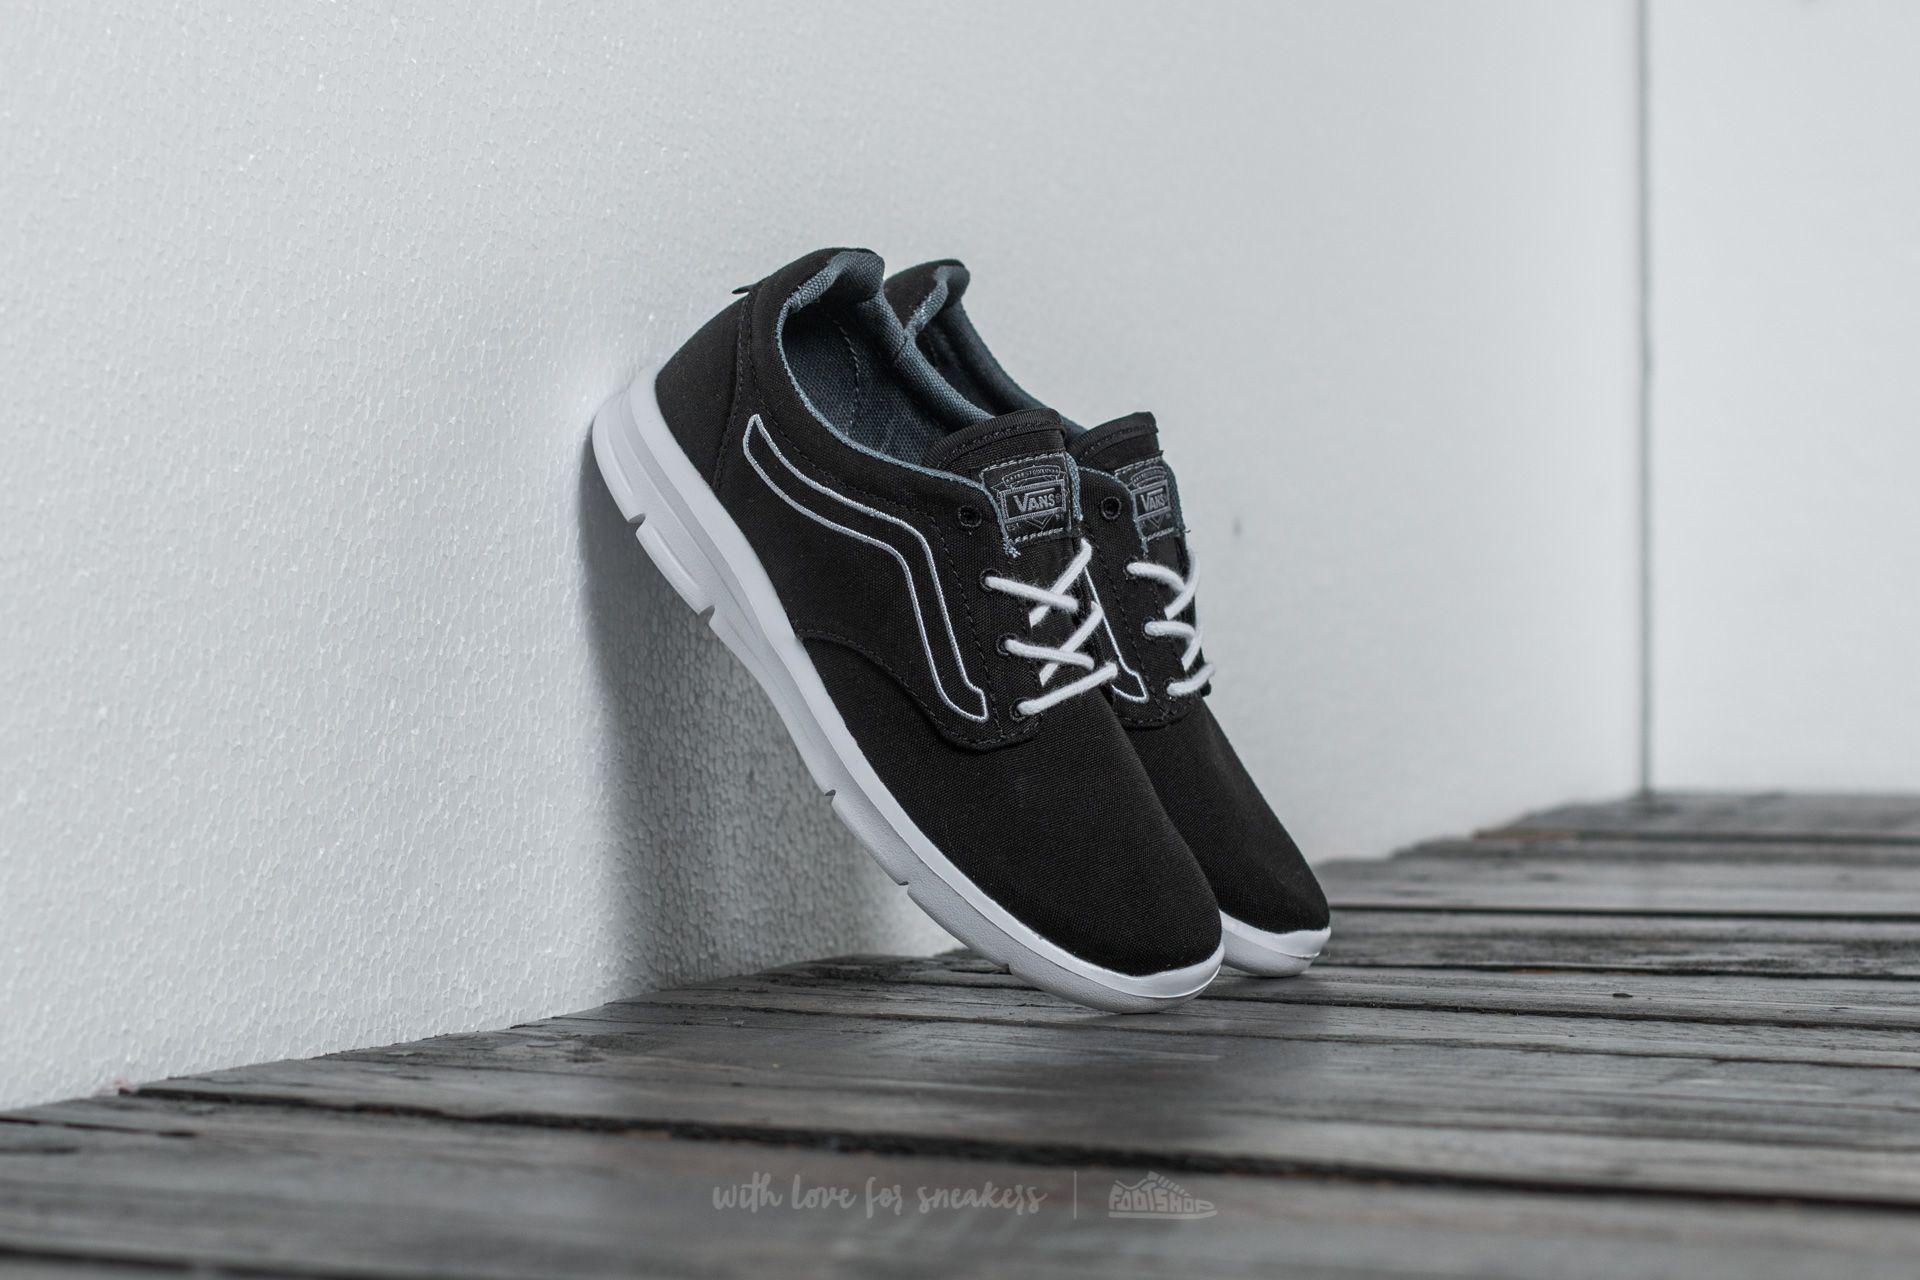 Vans Iso 1.5 (Canvas) Black/ Dark Slate za skvělou cenu 859 Kč koupíte na Footshop.cz